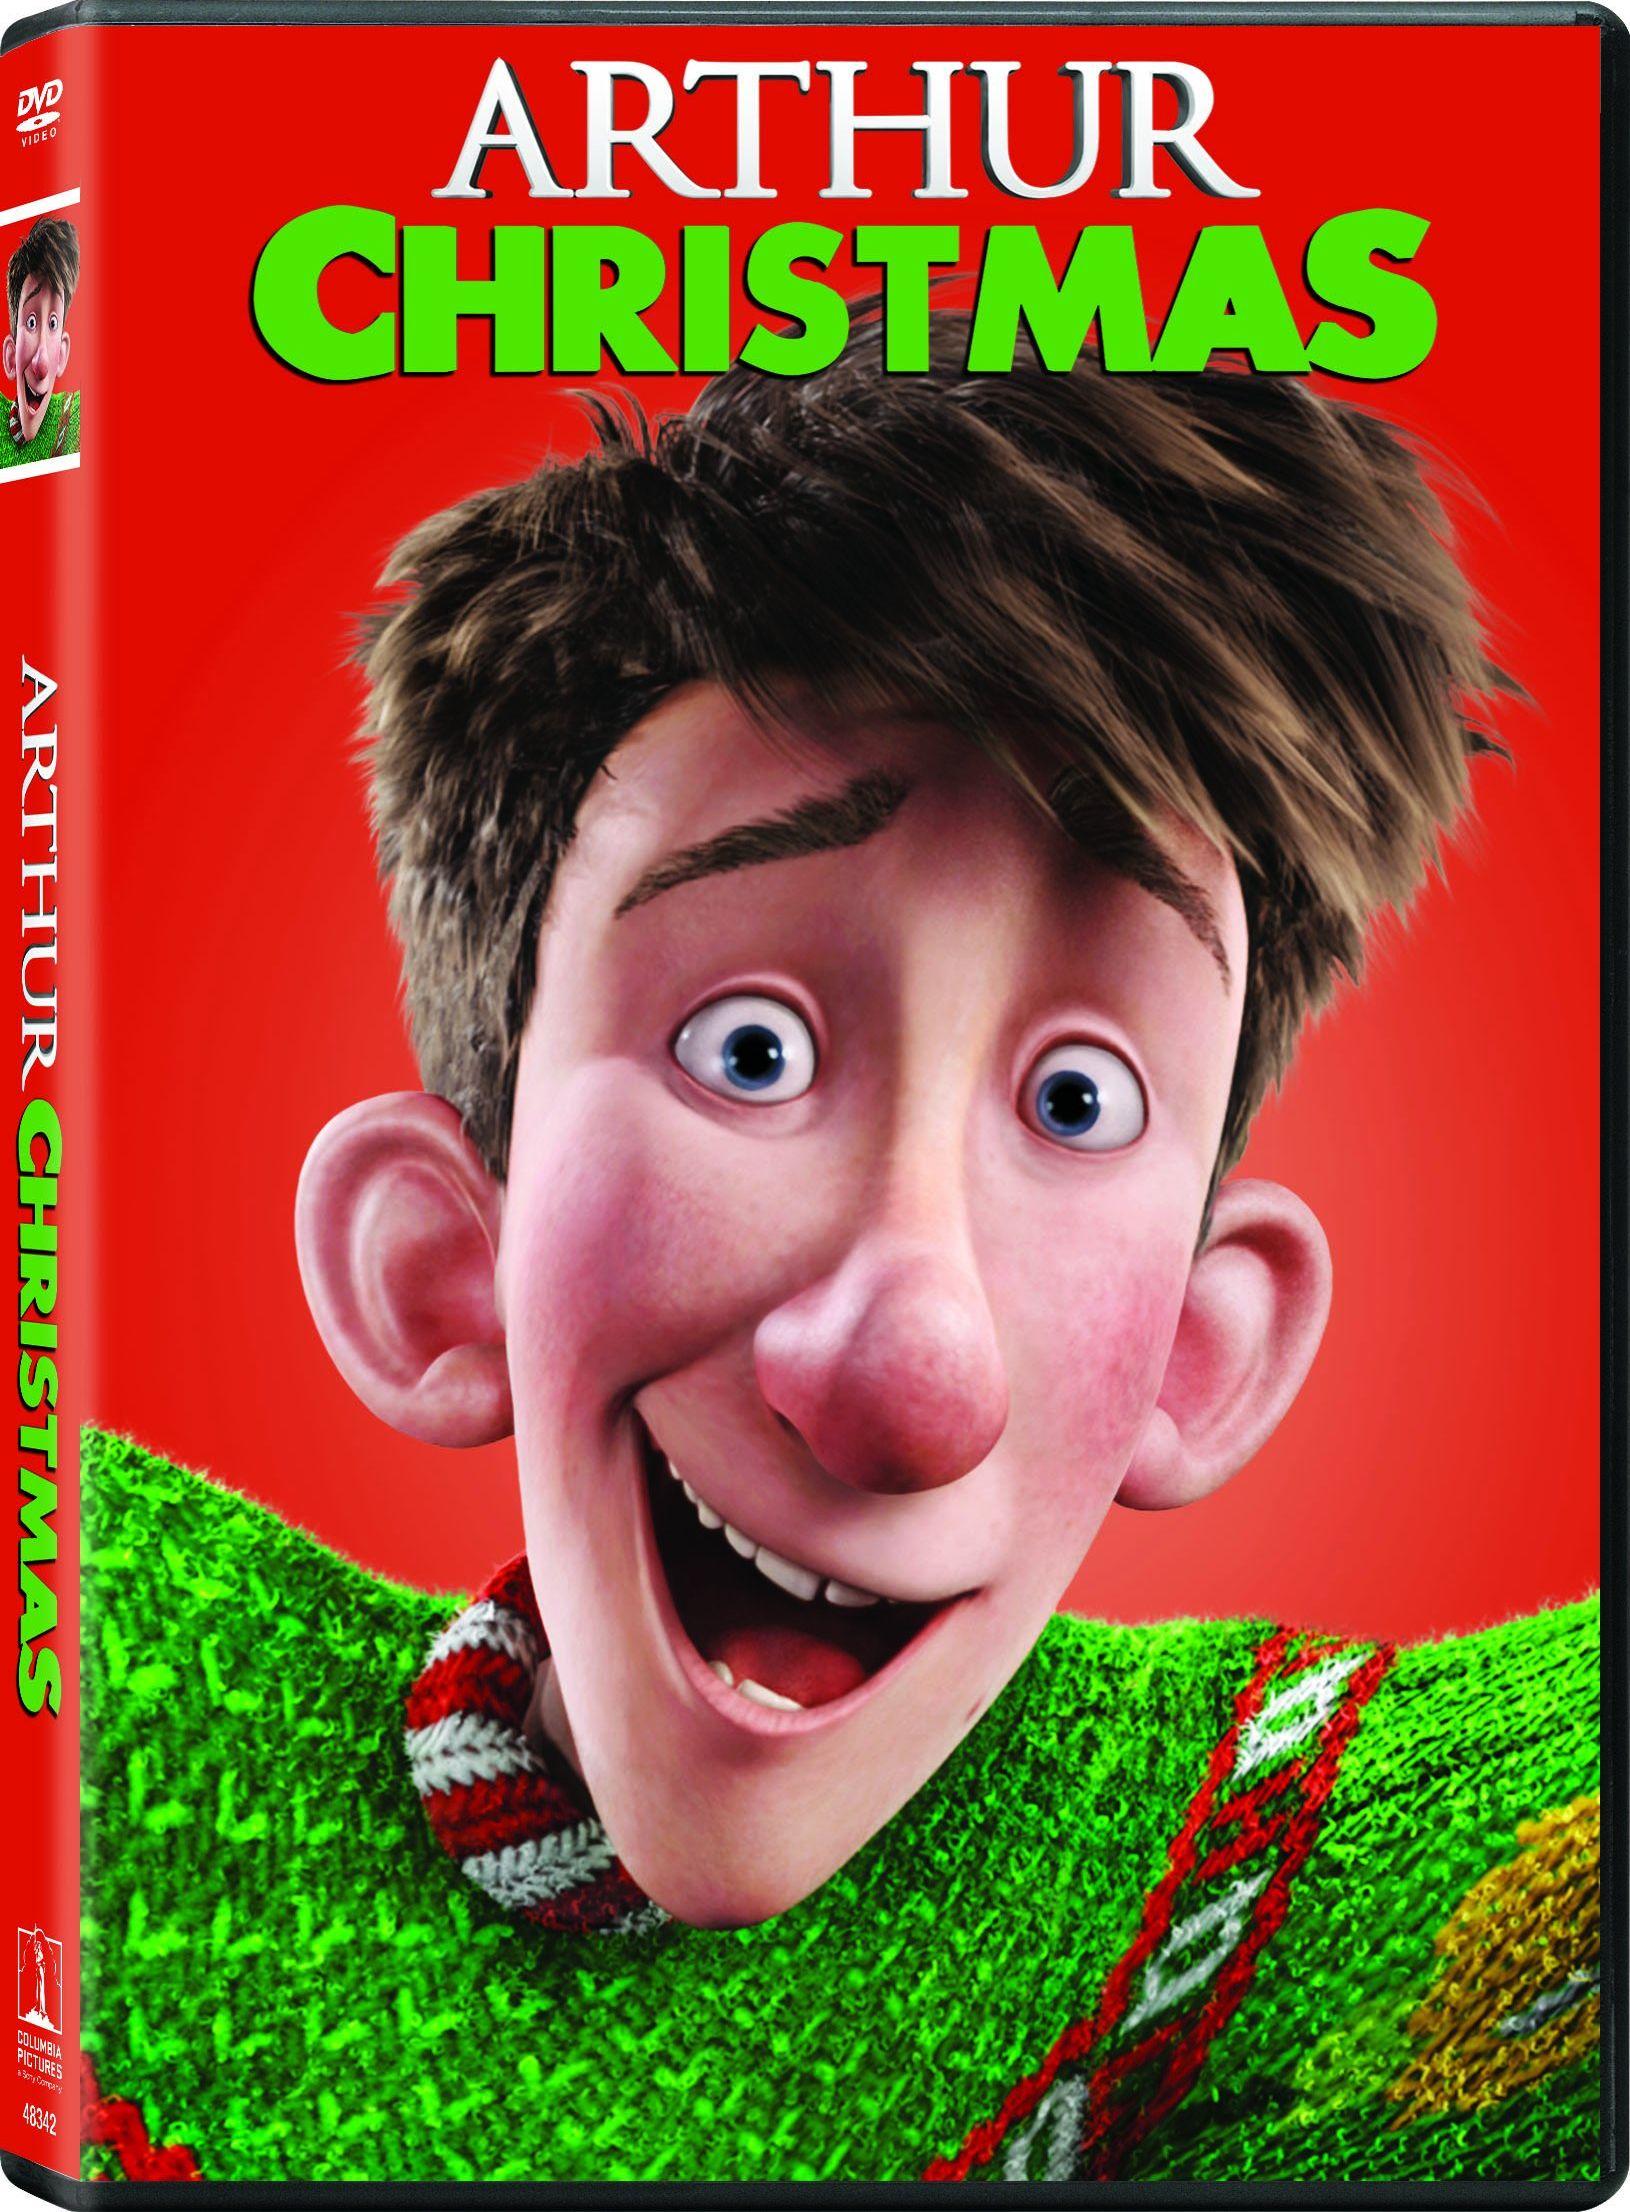 Arthur Christmas Dvd Release Date November 6